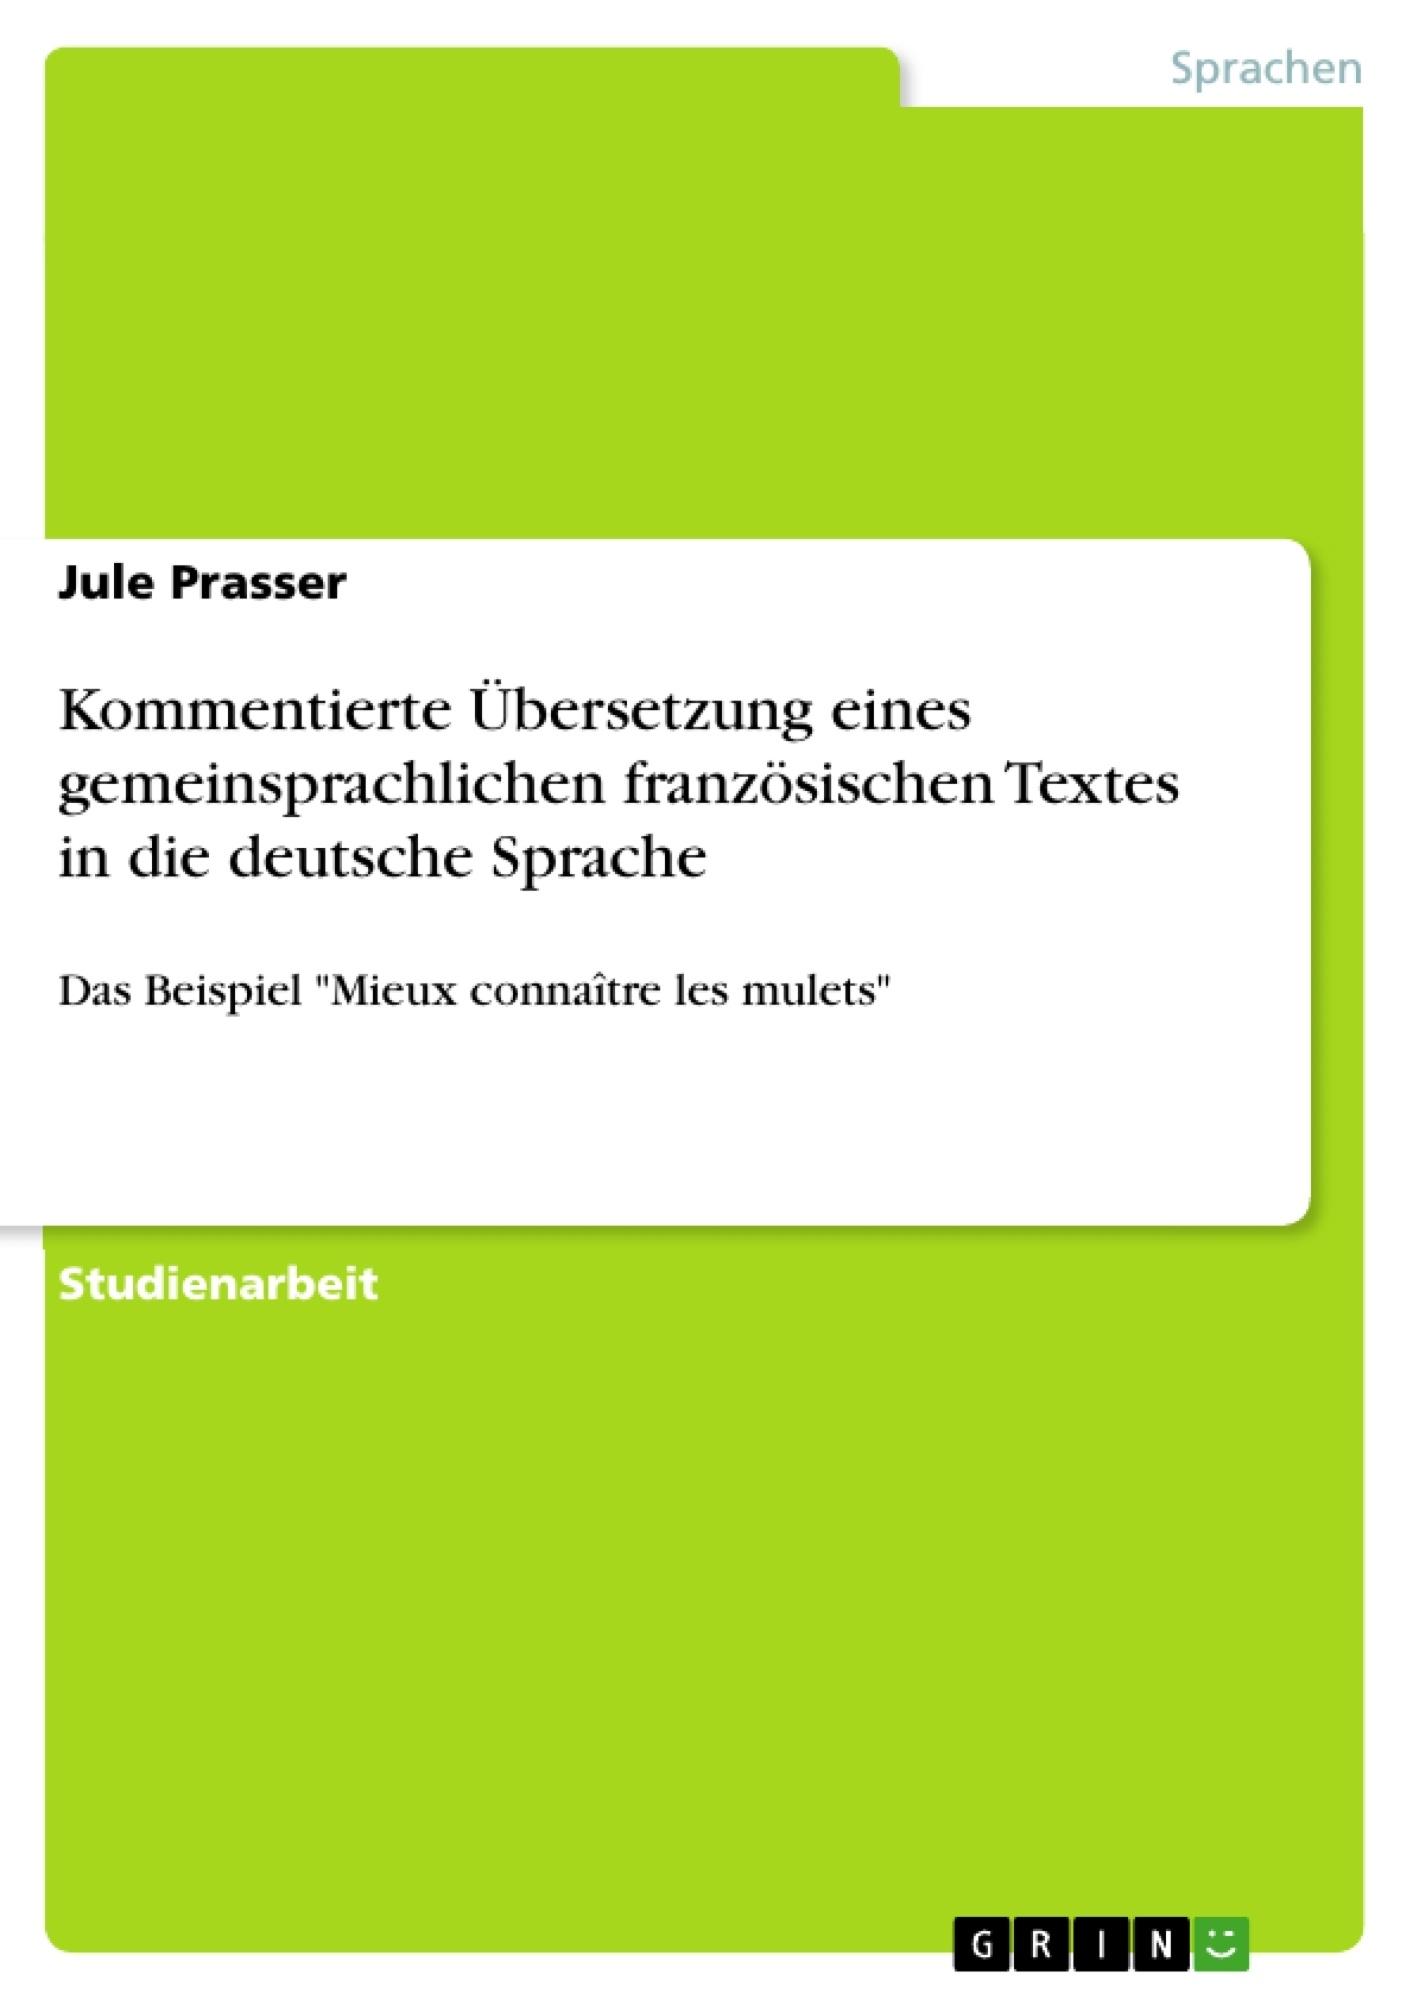 Titel: Kommentierte Übersetzung eines gemeinsprachlichen französischen Textes in die deutsche Sprache